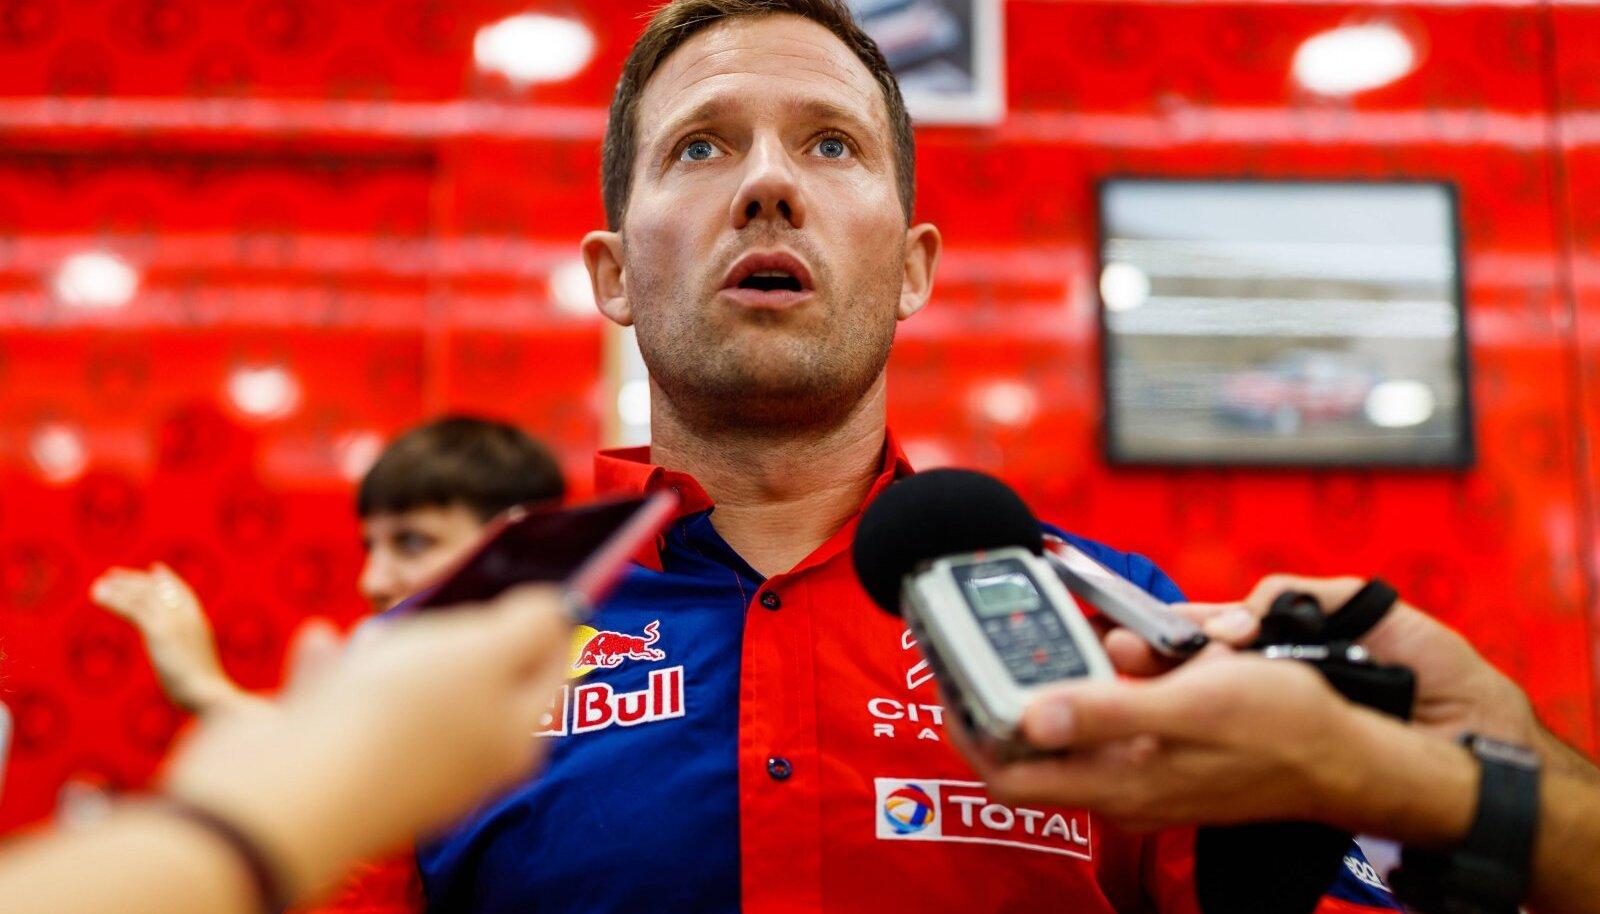 Kas Citröeni päevad WRC-s on loetud ja Sebastien Ogier jätkab Toyotas?